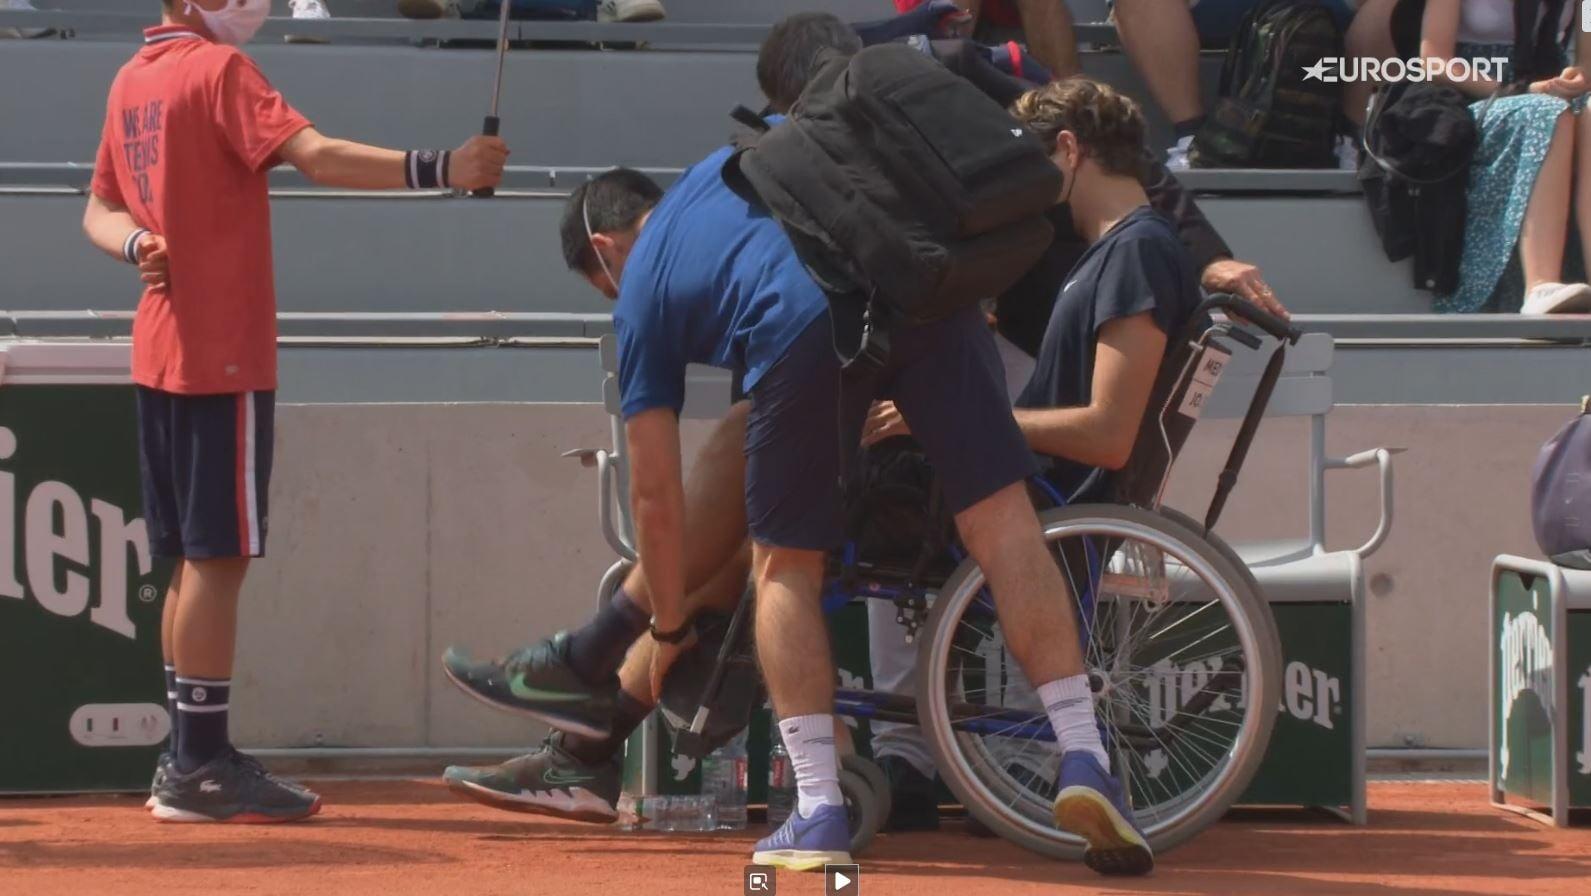 Фрица увезли с корта на коляске после матча с Кепфером. Он повредил колено в последнем розыгрыше